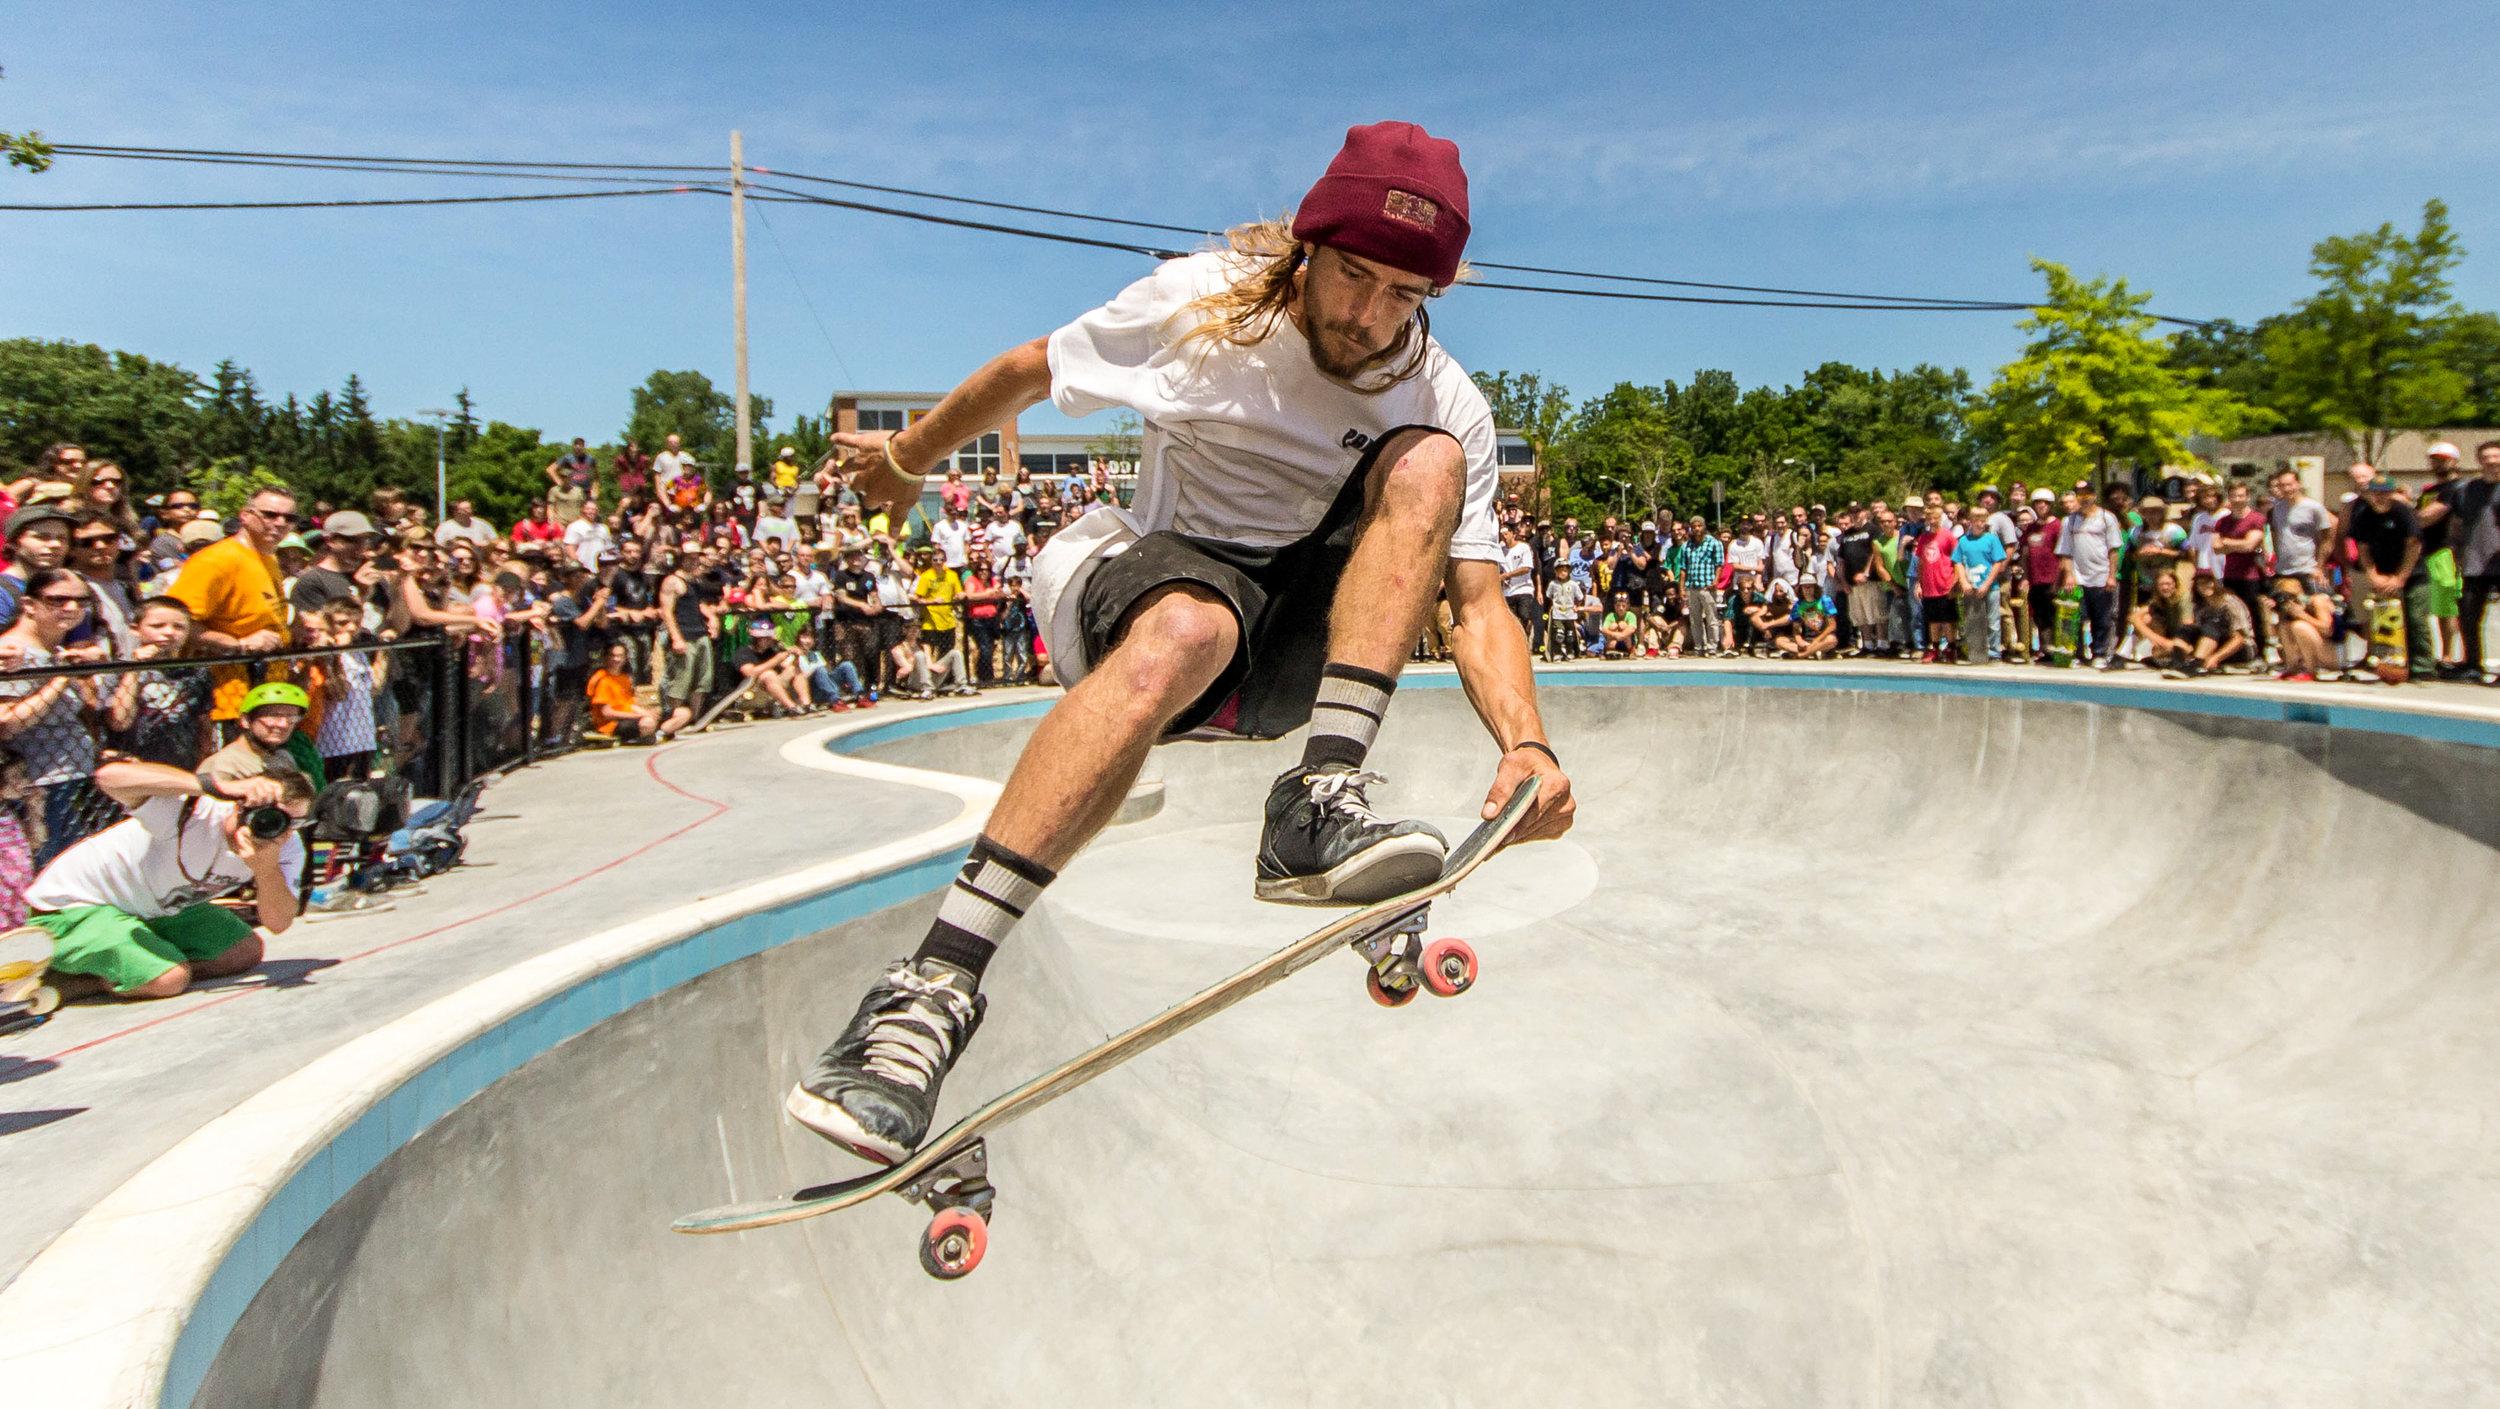 Ann Arbor Skate Park Grand Opening 1.jpg